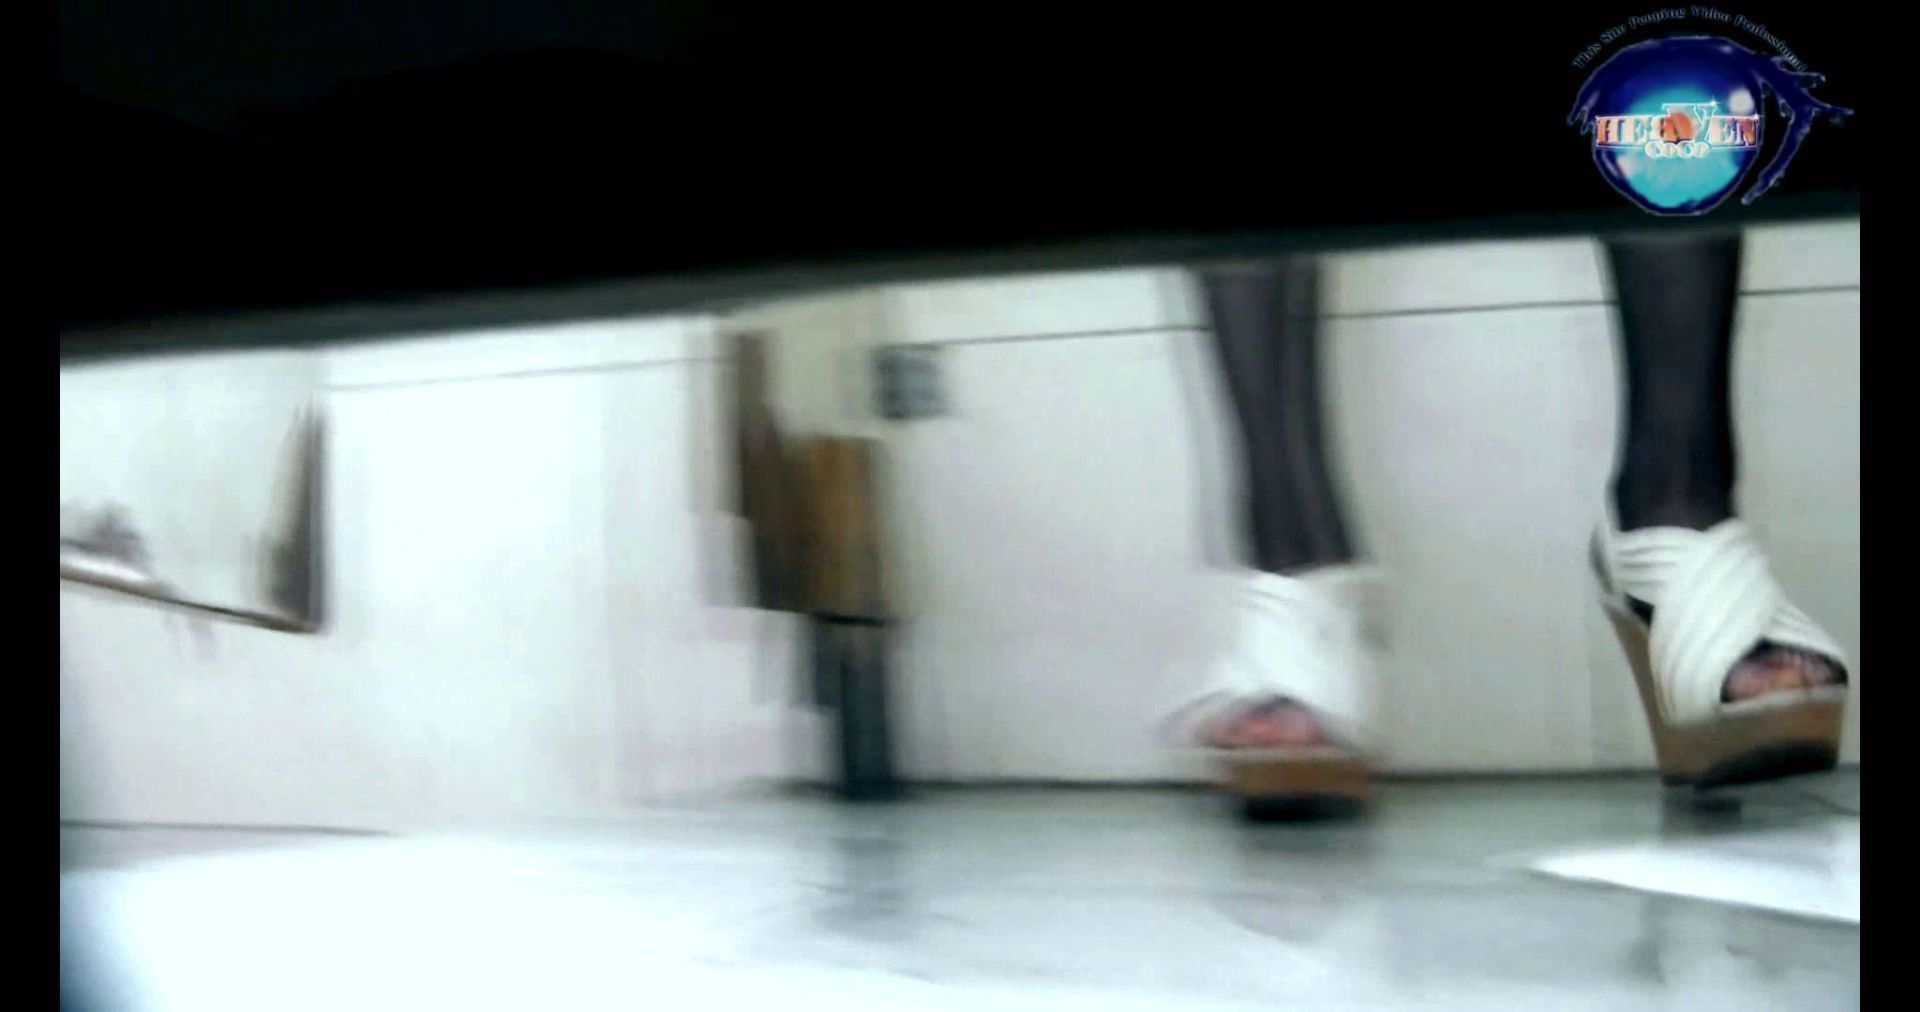 世界の射窓から~ステーション編~vol.36 無料動画に登場したトップクラスモデル本番へ モデルヌード   本番  94pic 10